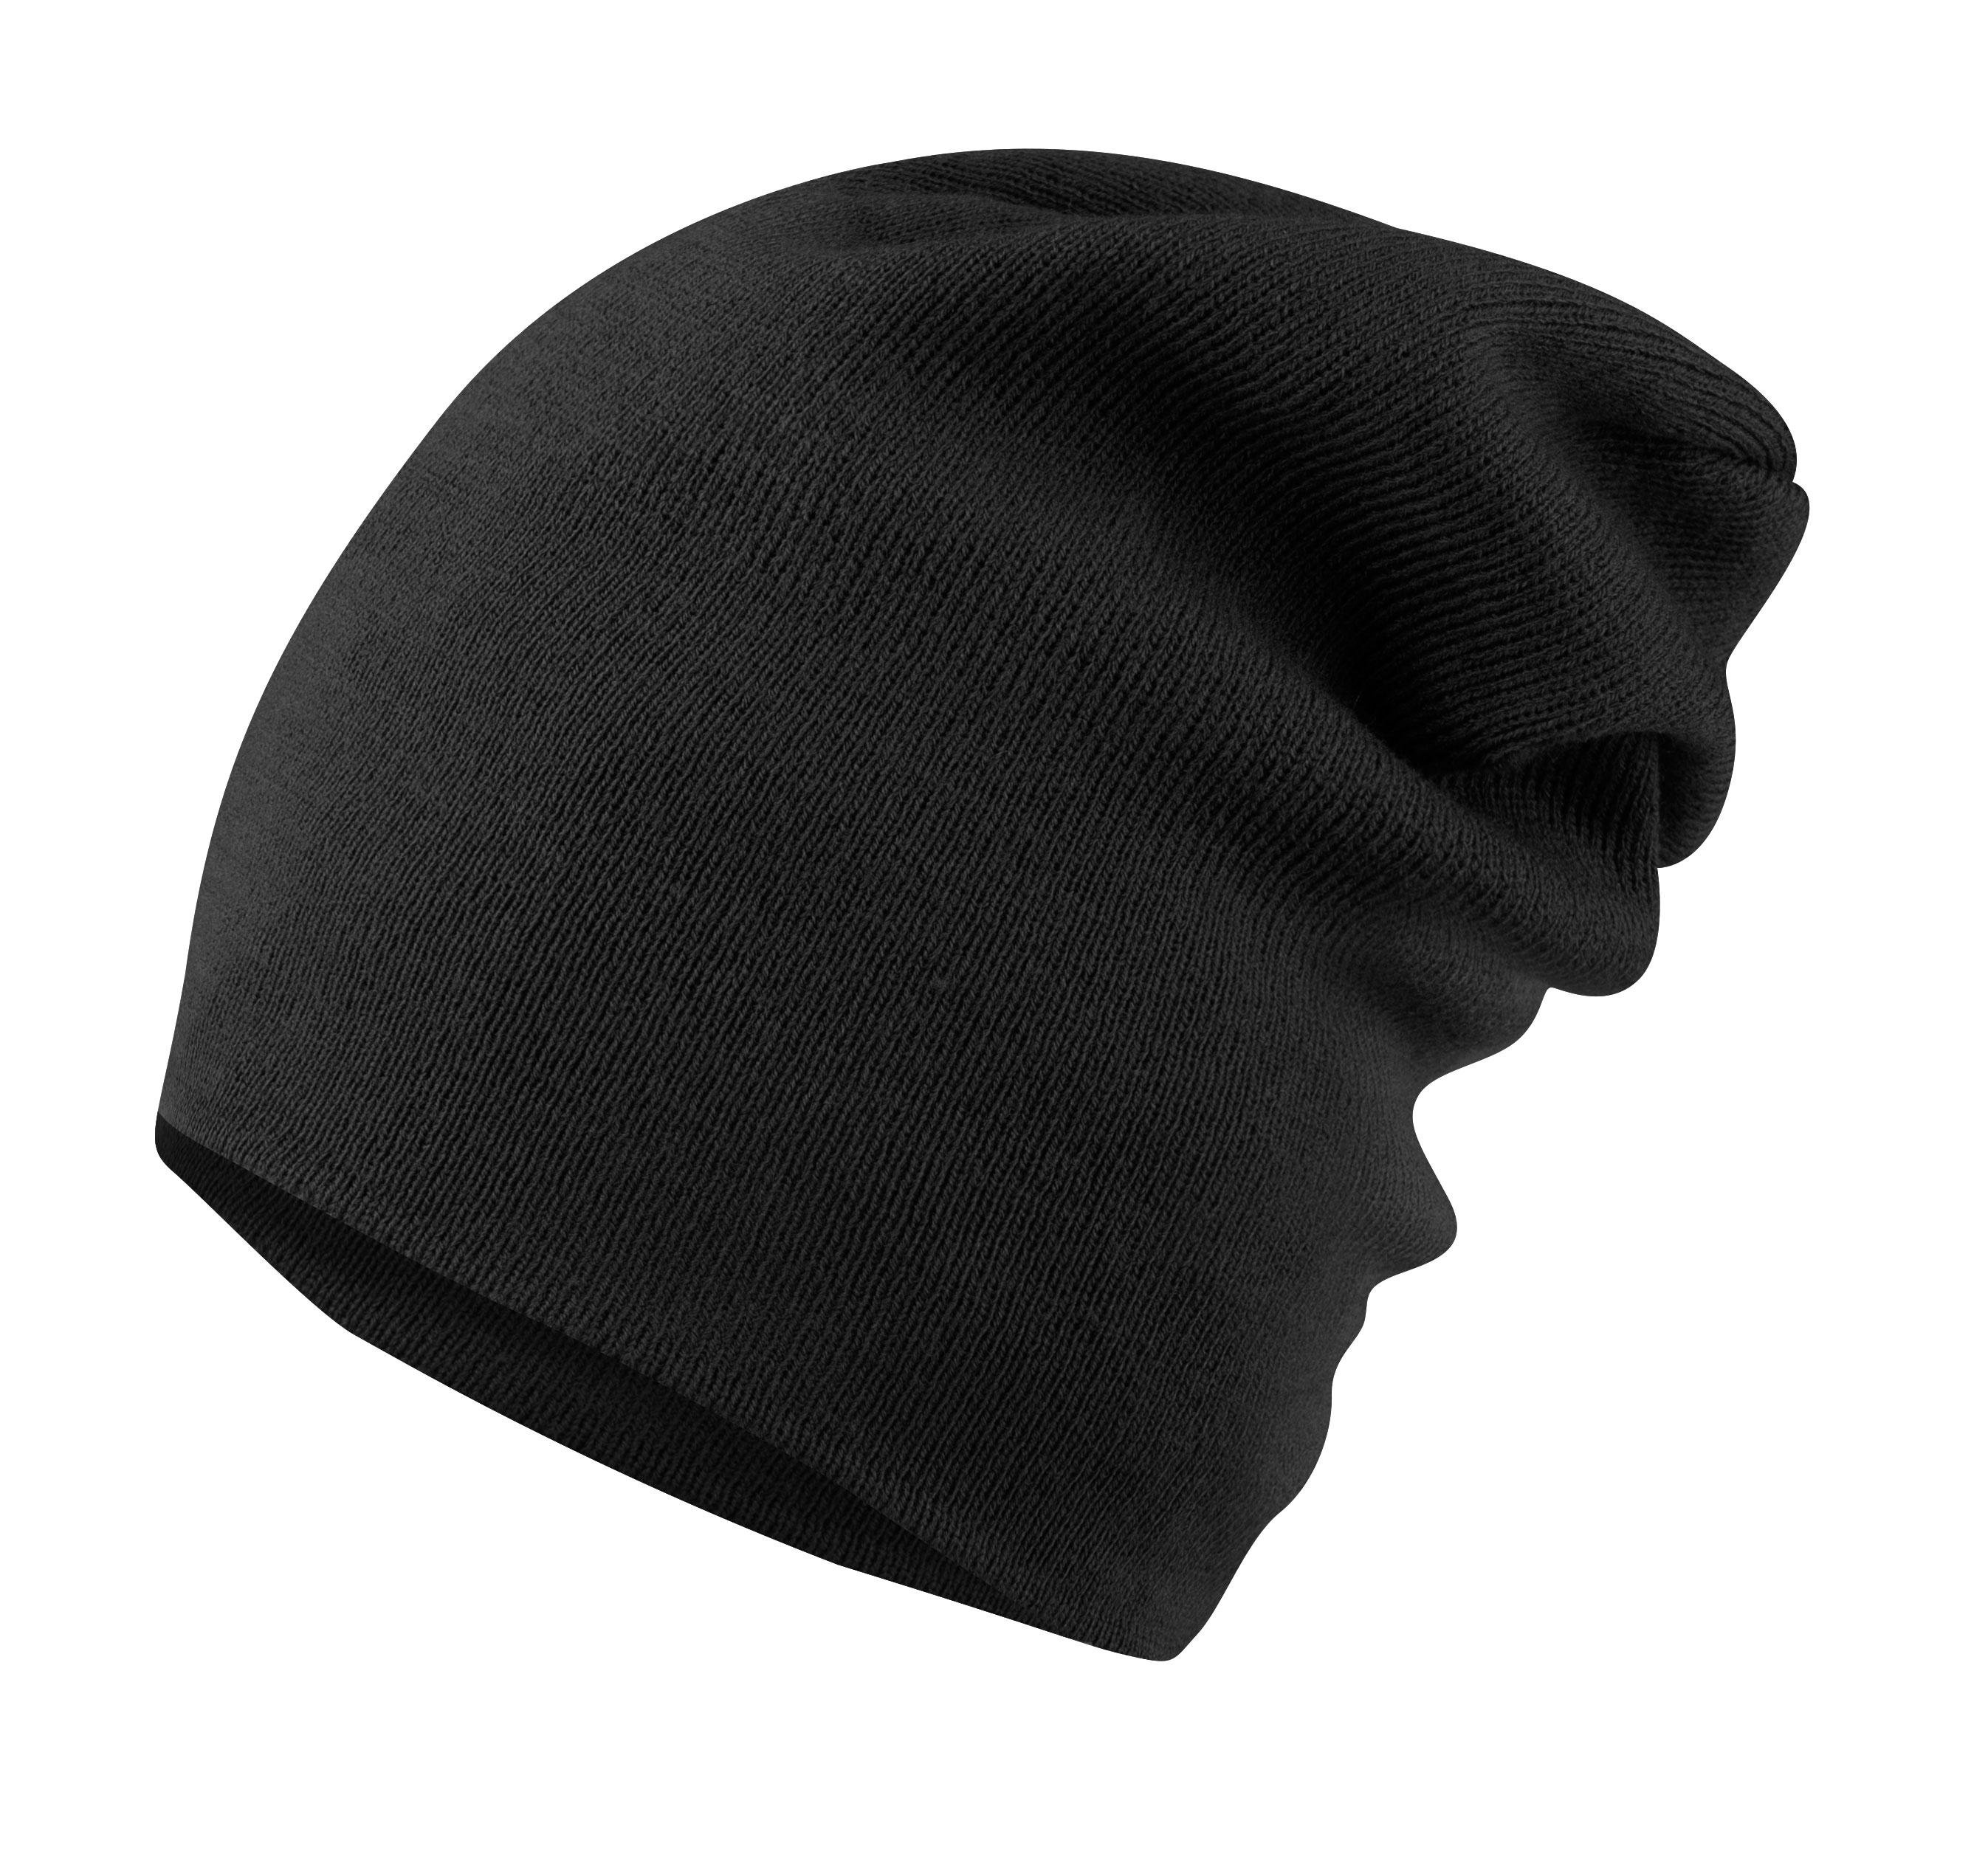 čepice zimní FORCE ELF2 pletená, černá